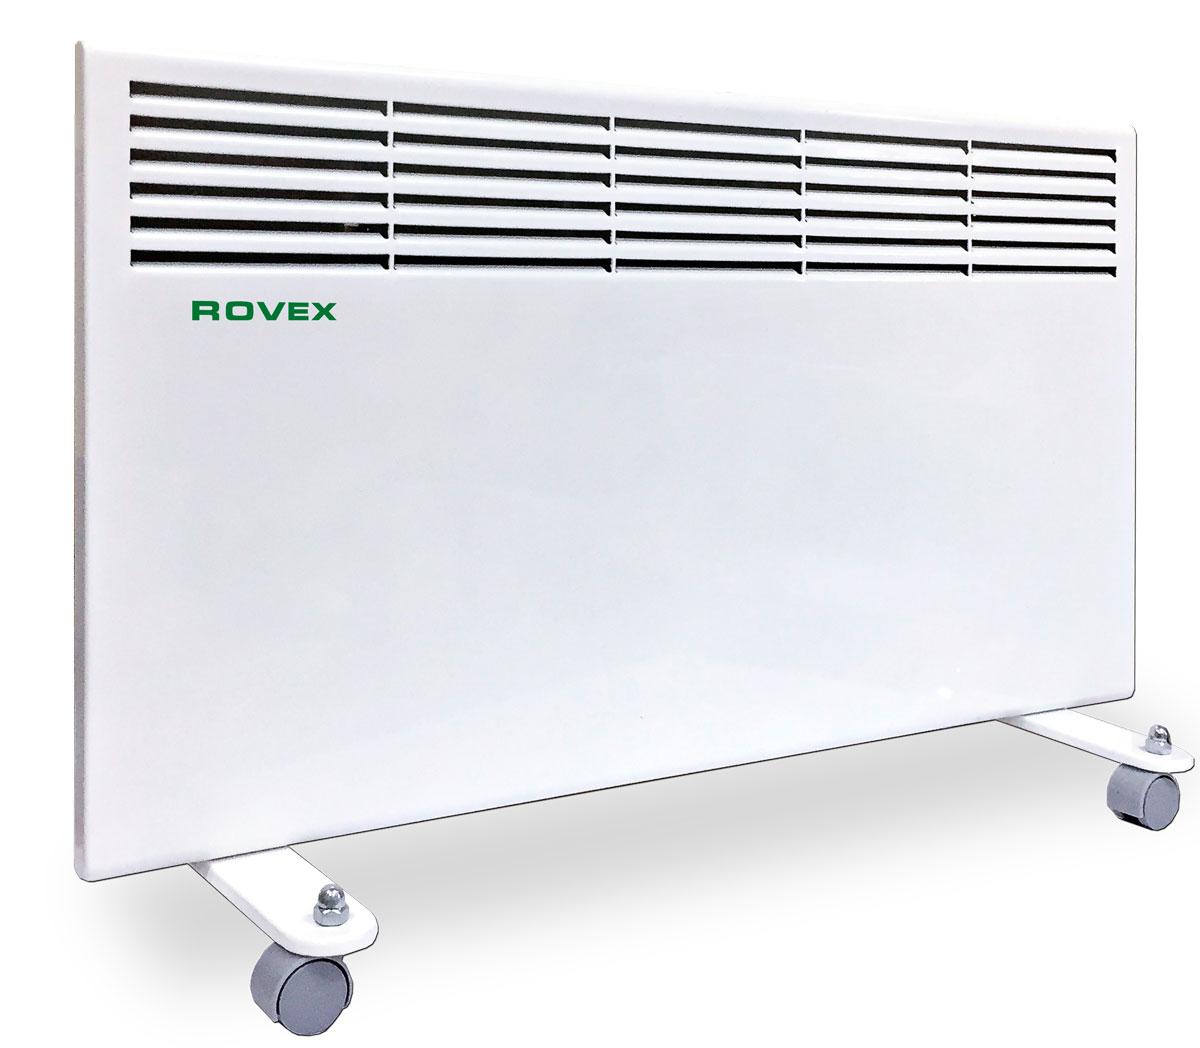 Rovex RHC-2000 конвекторRHC-2000Конвектор Rovex RHC-2000 электрический серии «Omega» представляет собой теплообменник с ТЭНом - электронагревателем, к которому поступает холодный воздух. После происходит процесс нагревания и по стальной трубке выходят теплые потоки воздушных масс. Принцип работы конвектора электрического заключается в безопасном нагревании воздуха, поступающего в прибор посредством конвекции. Конвекторы отопления электрические обладают преимуществами: Высокой производительностью и эффективностью. КПД таких приборов составляет 95%. Конвектор отопления прогревает воздух равномерно и моментально, когда его включили в сеть. Безопасностью. Электрические обогреватели такого типа считаются самыми безопасными. Конвекторная система отопления устроена так, что воздушные массы в теплообменнике постоянно циркулируют и не превышают безопасных 60 °C. Прибор можно использовать даже в детской комнате. А о пожаре и мысль не возникнет! Конвекторный обогреватель автоматически...